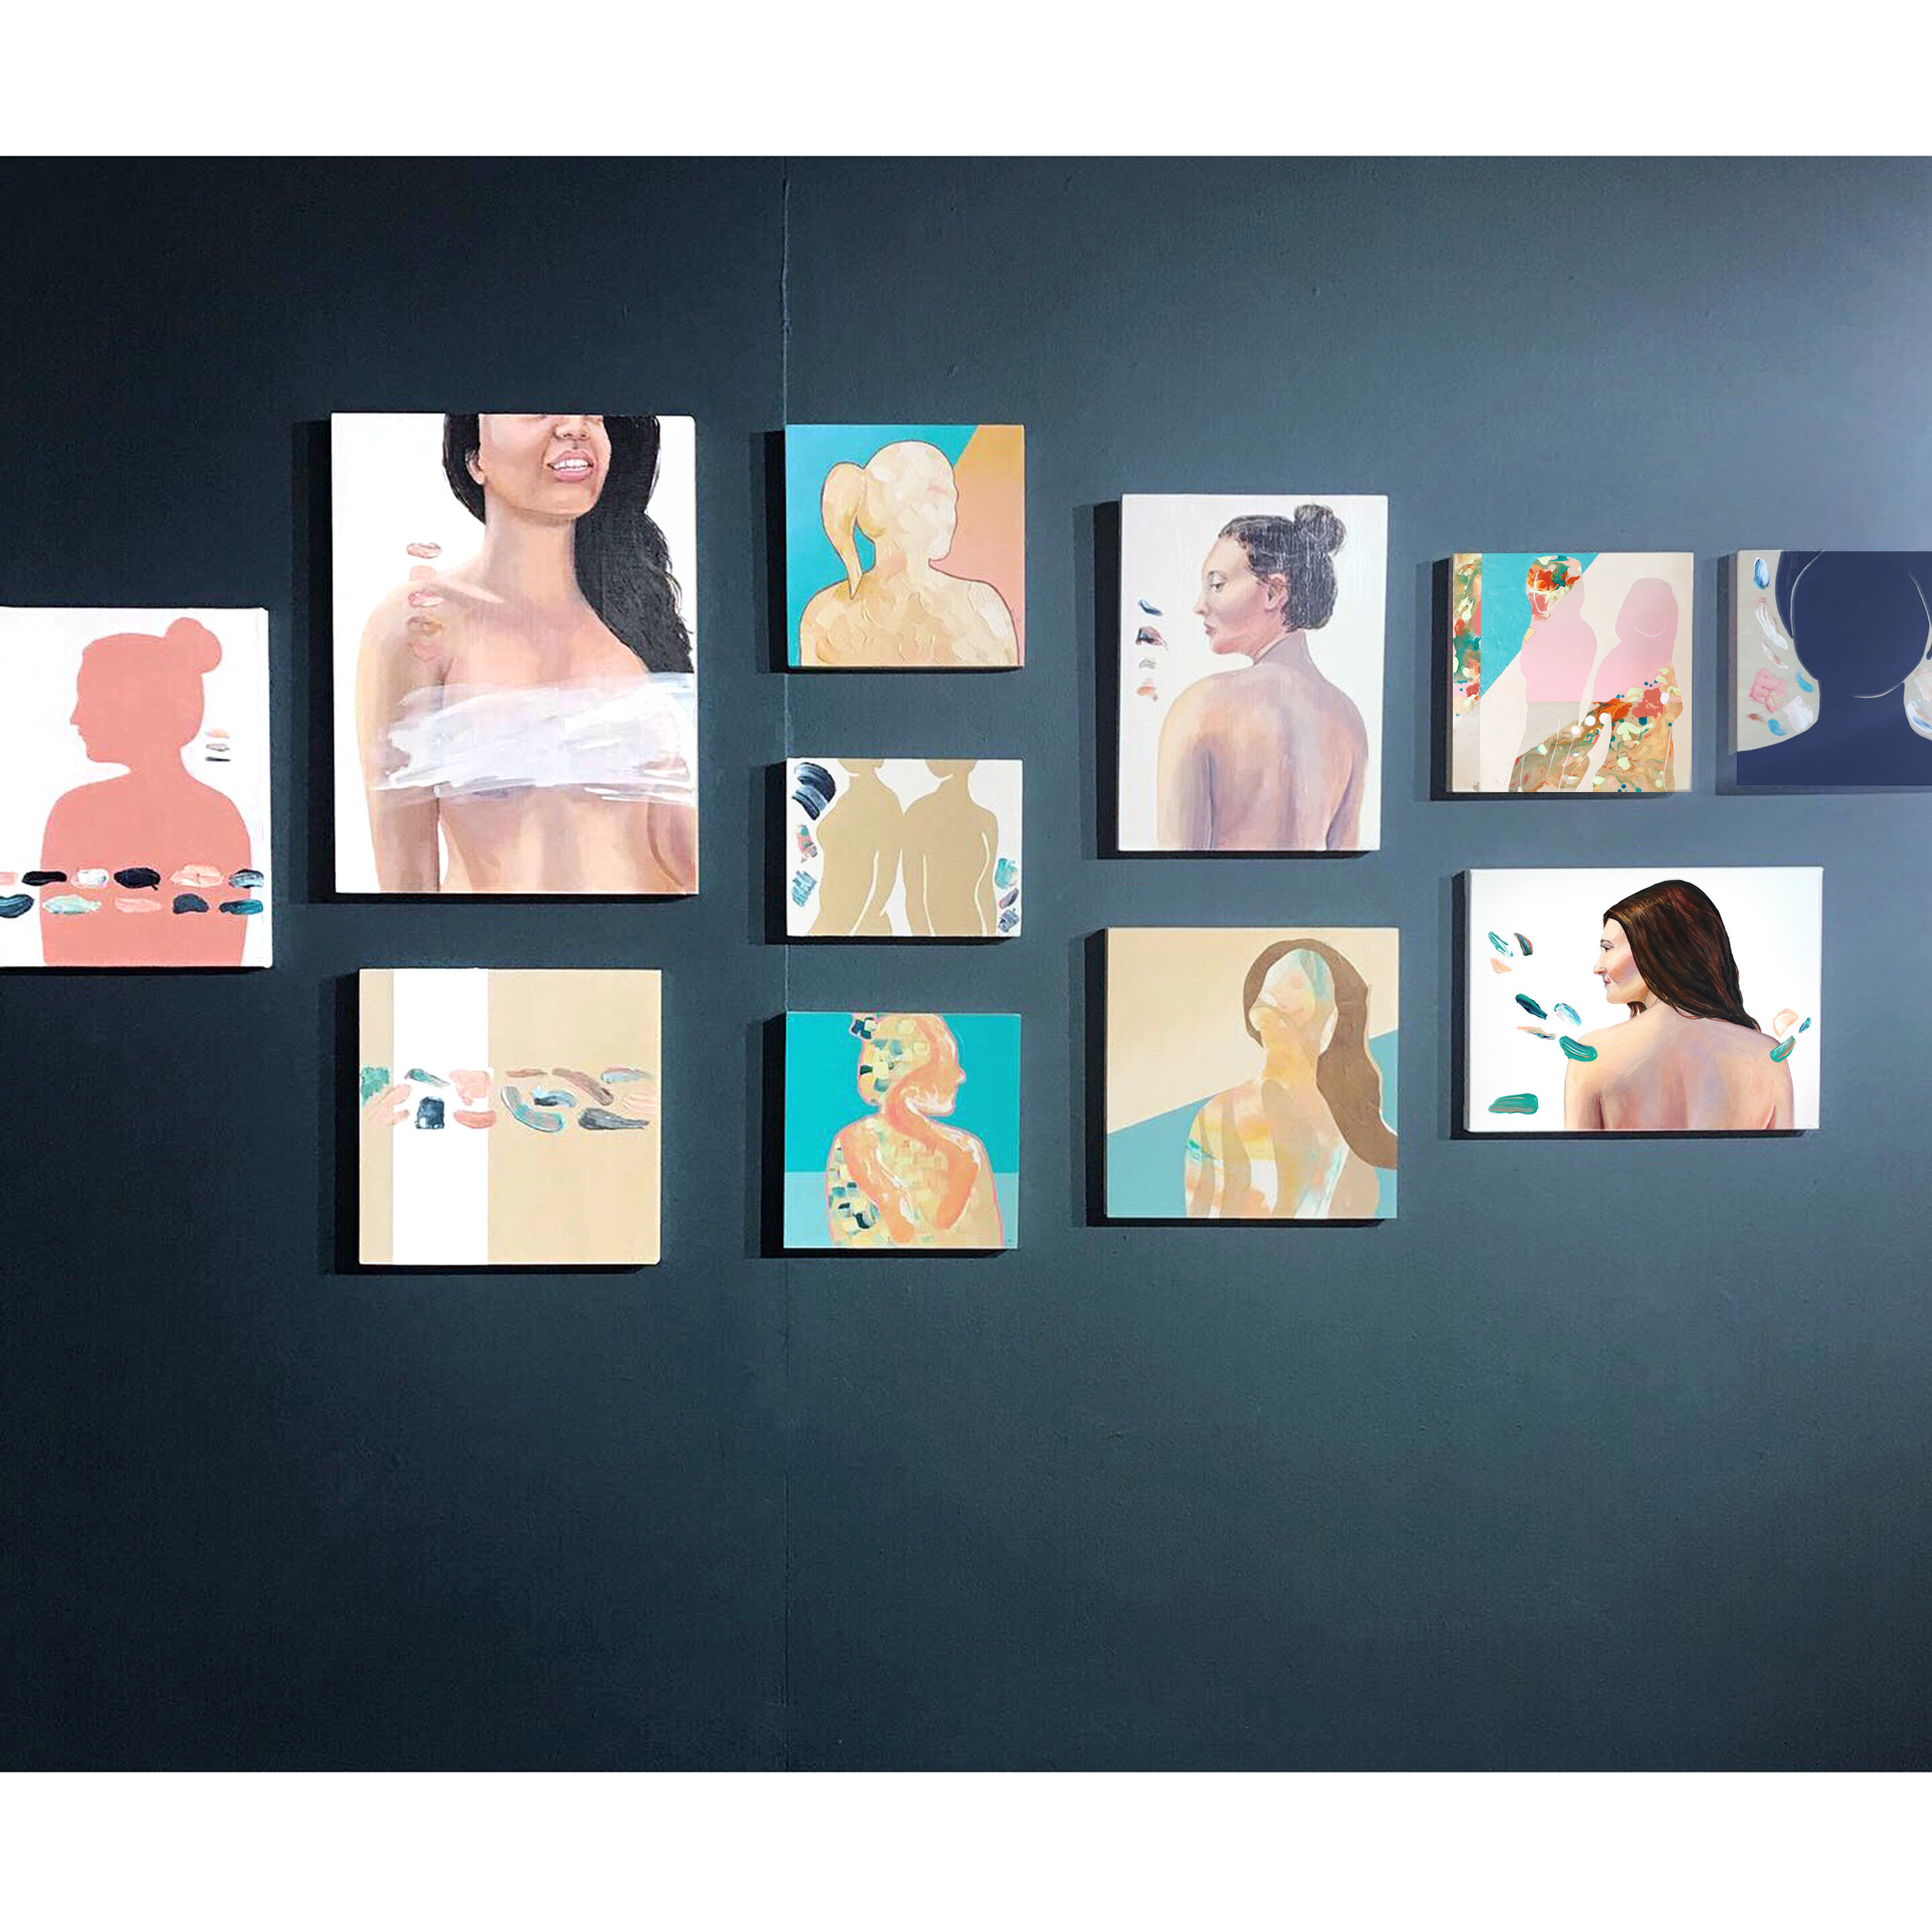 gallerywallcompressed.jpg